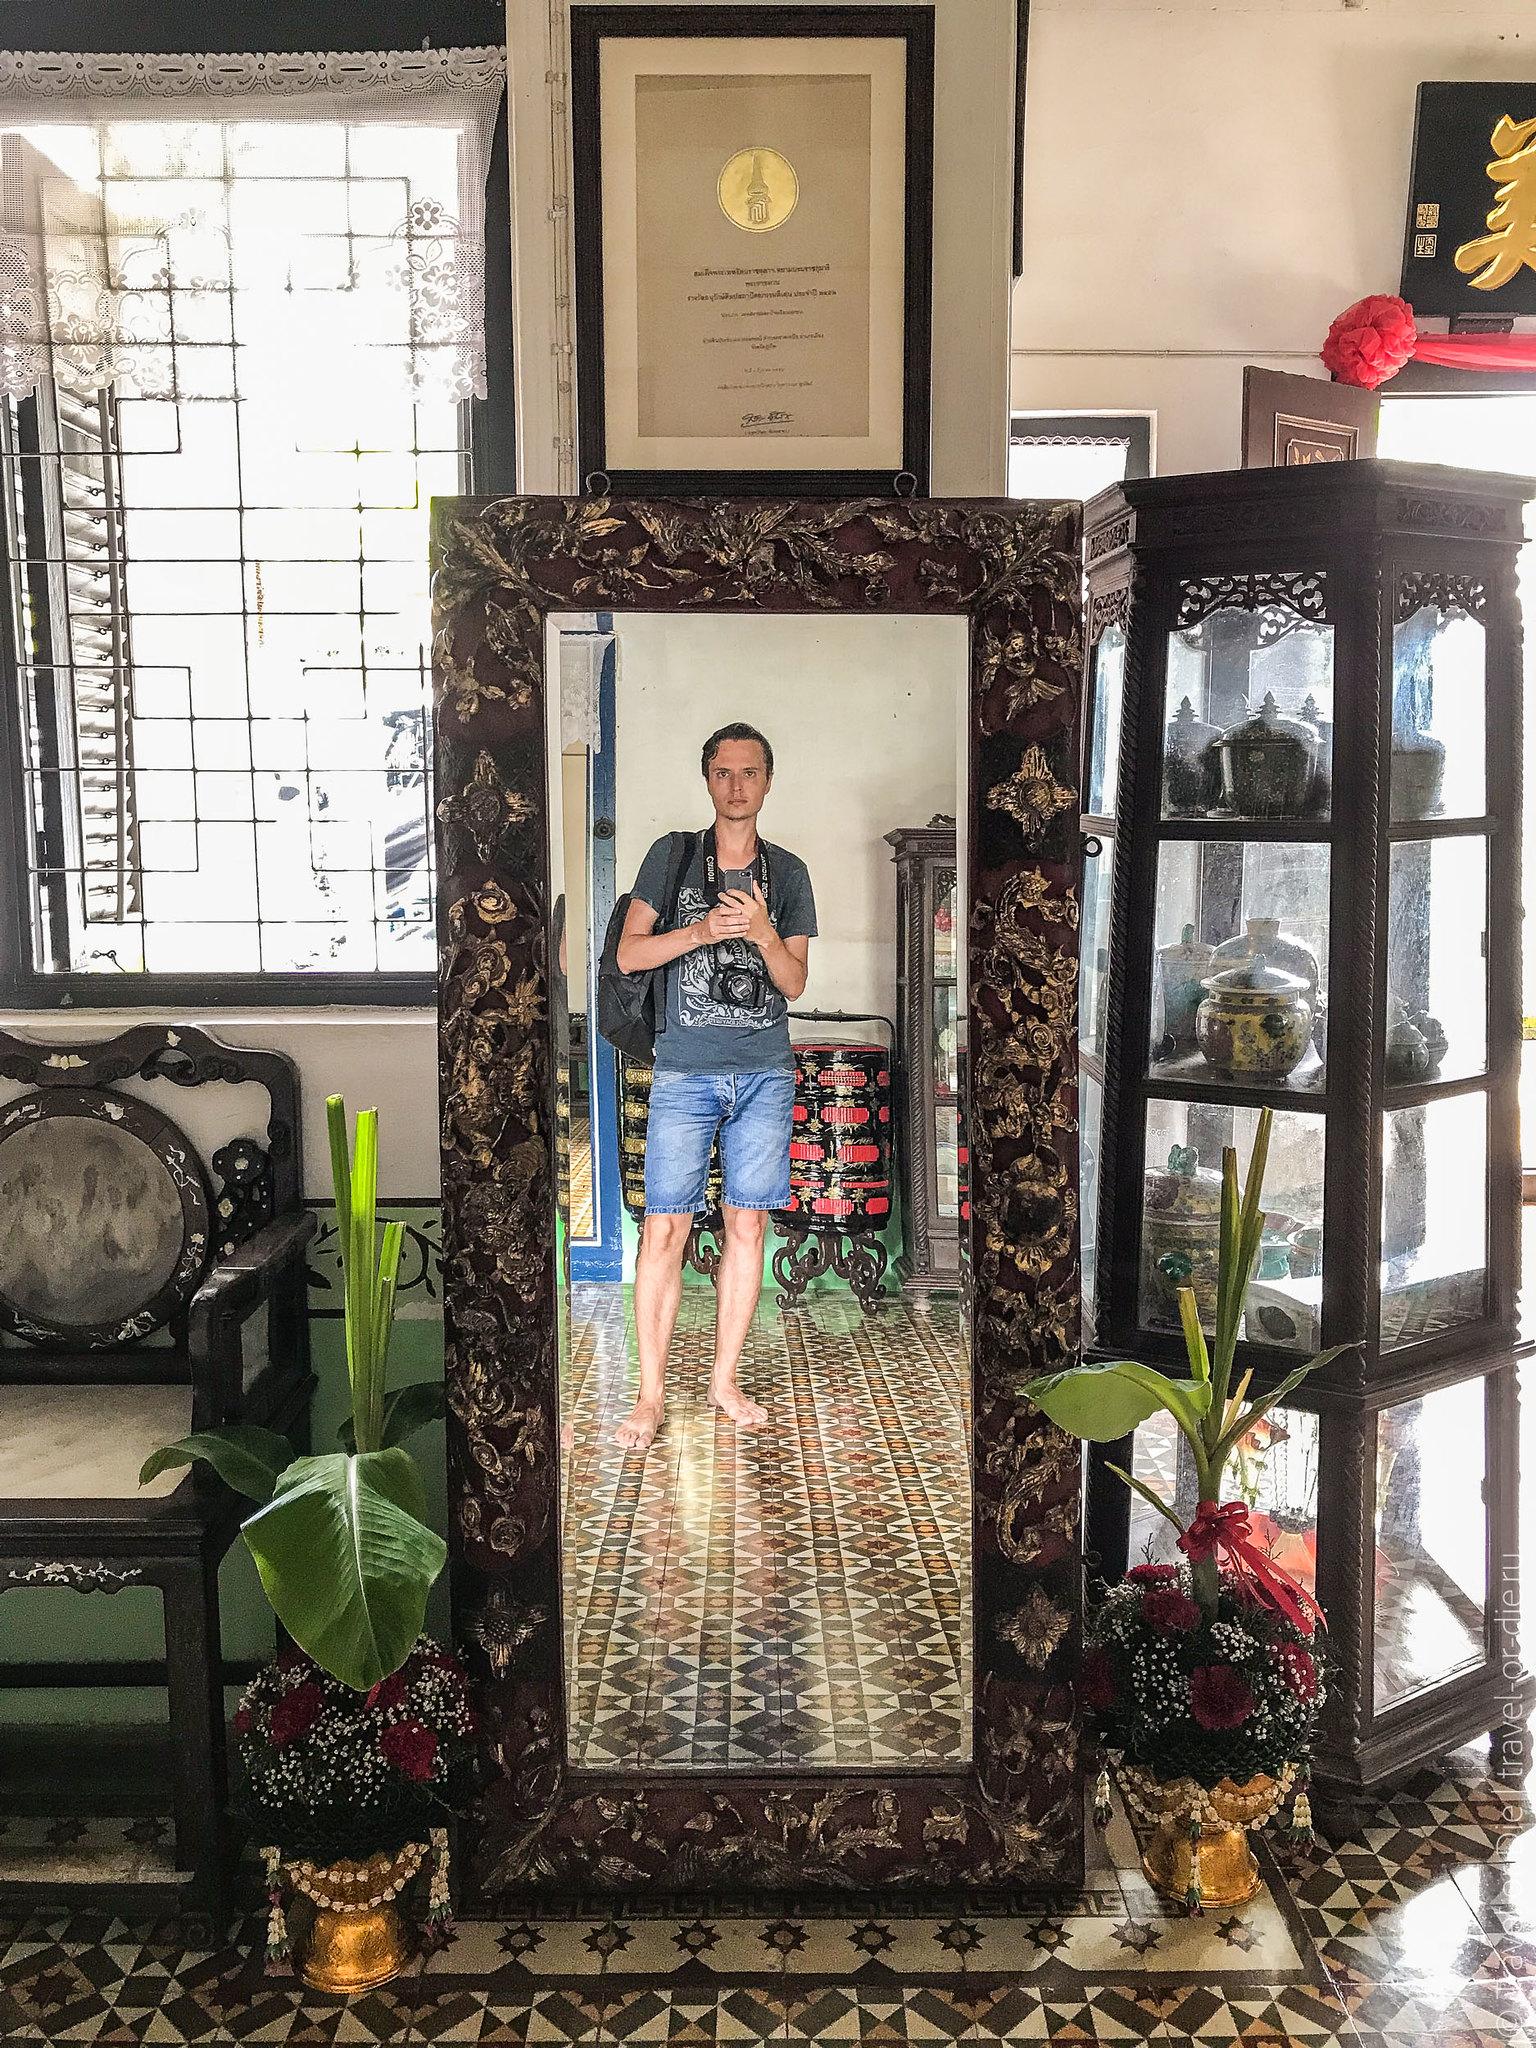 Chinpracha-House-Phuket-Town-3795